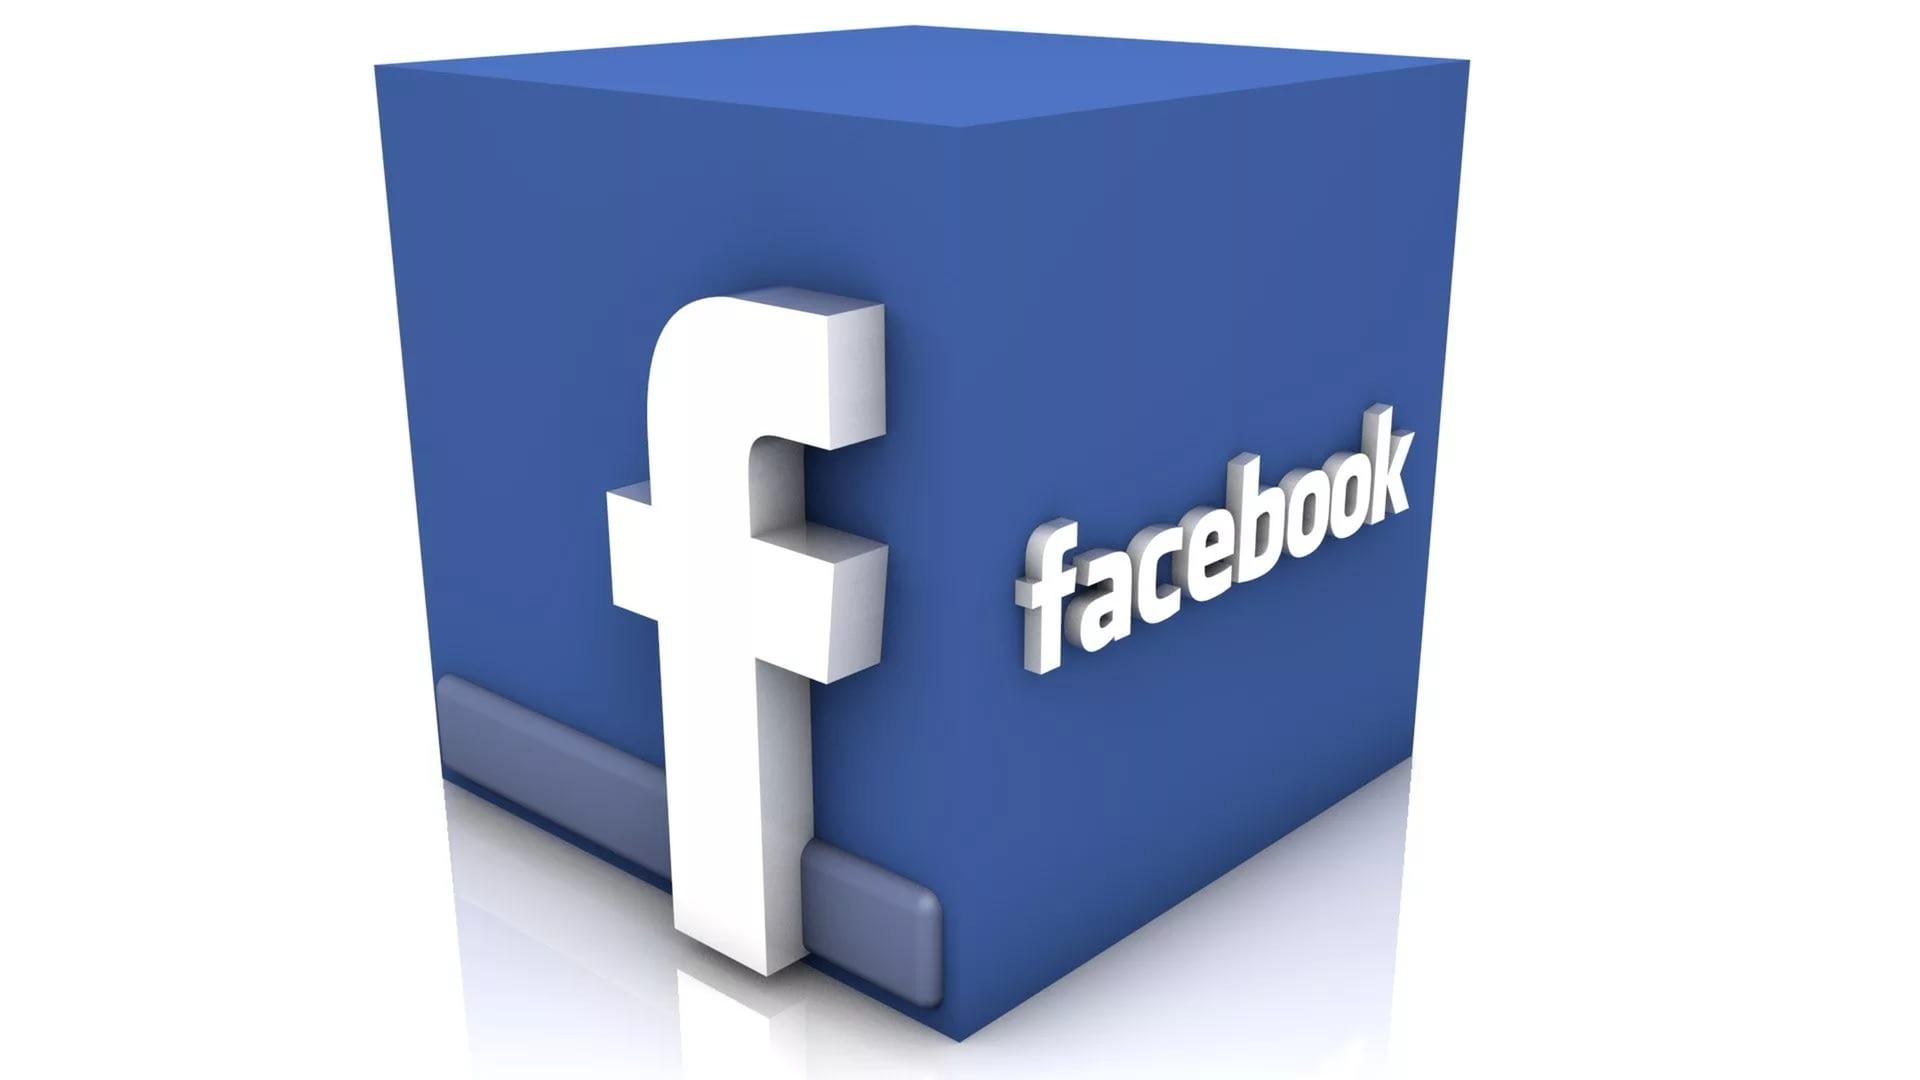 Социальная сеть Facebook будет производить собственный видеоконтент